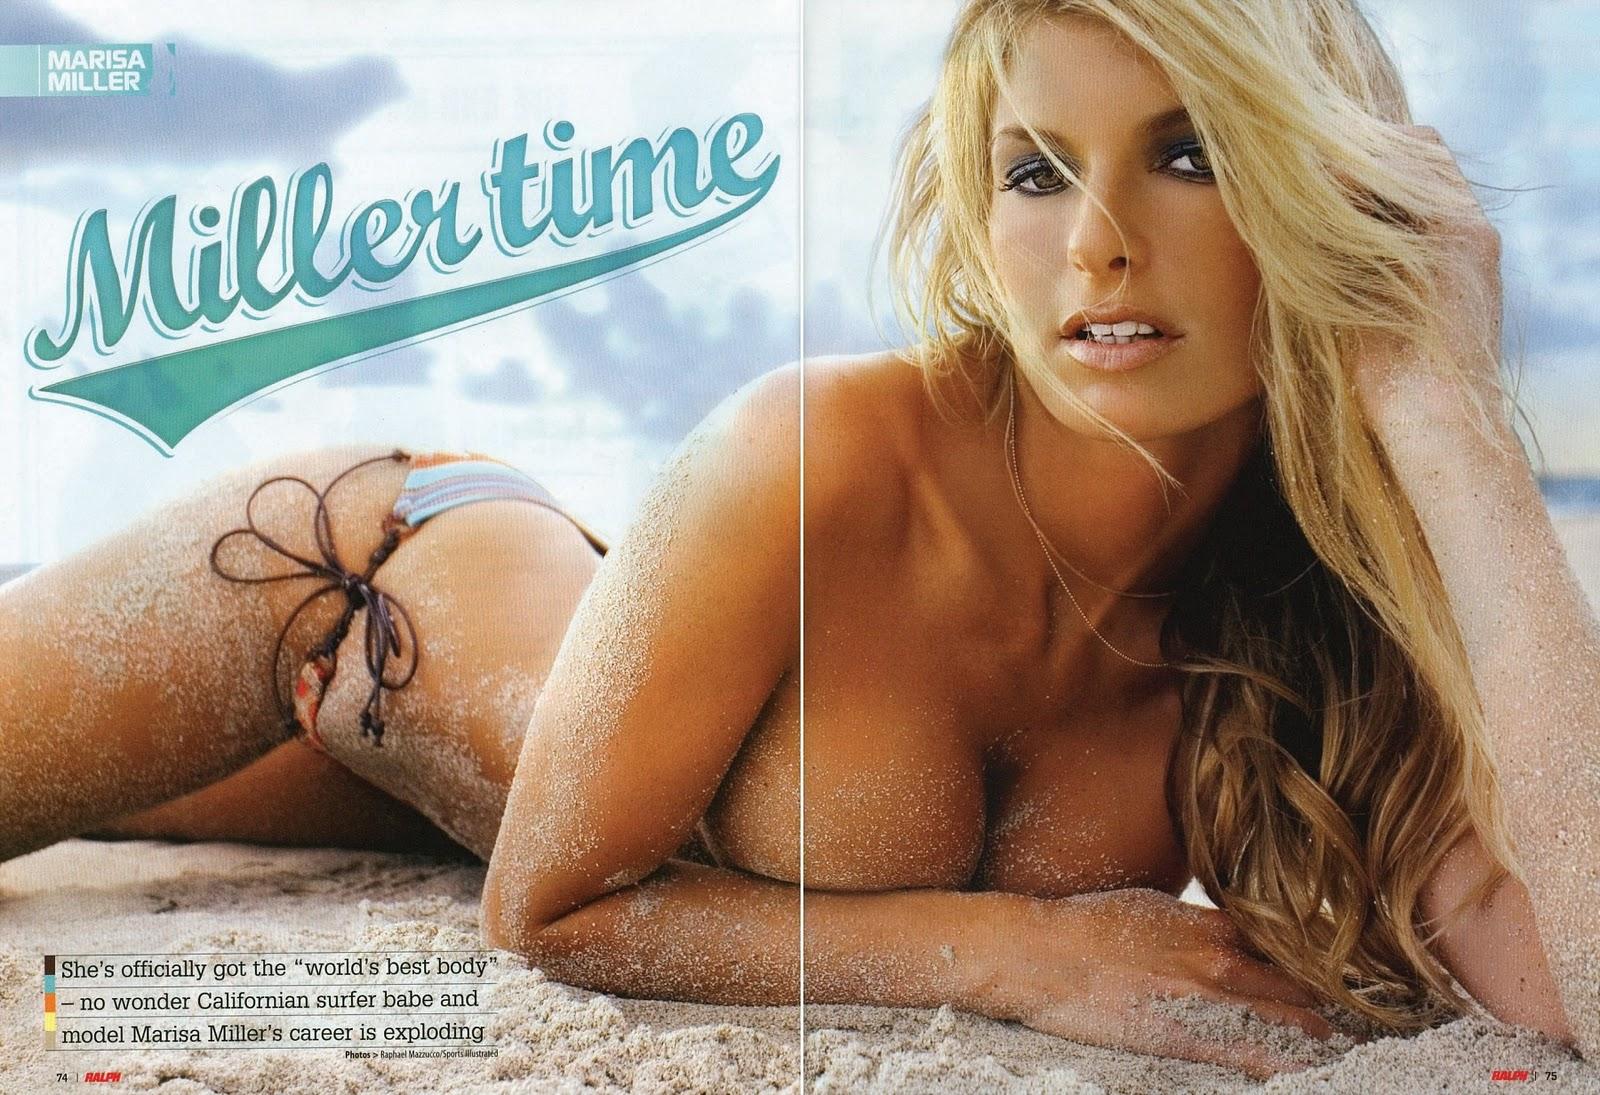 http://3.bp.blogspot.com/_2OnTsmsZtoc/TLdTKDhKn7I/AAAAAAAABCc/WZCJa-2tLDc/s1600/marisa-miller-bikini-ralph-01.jpg